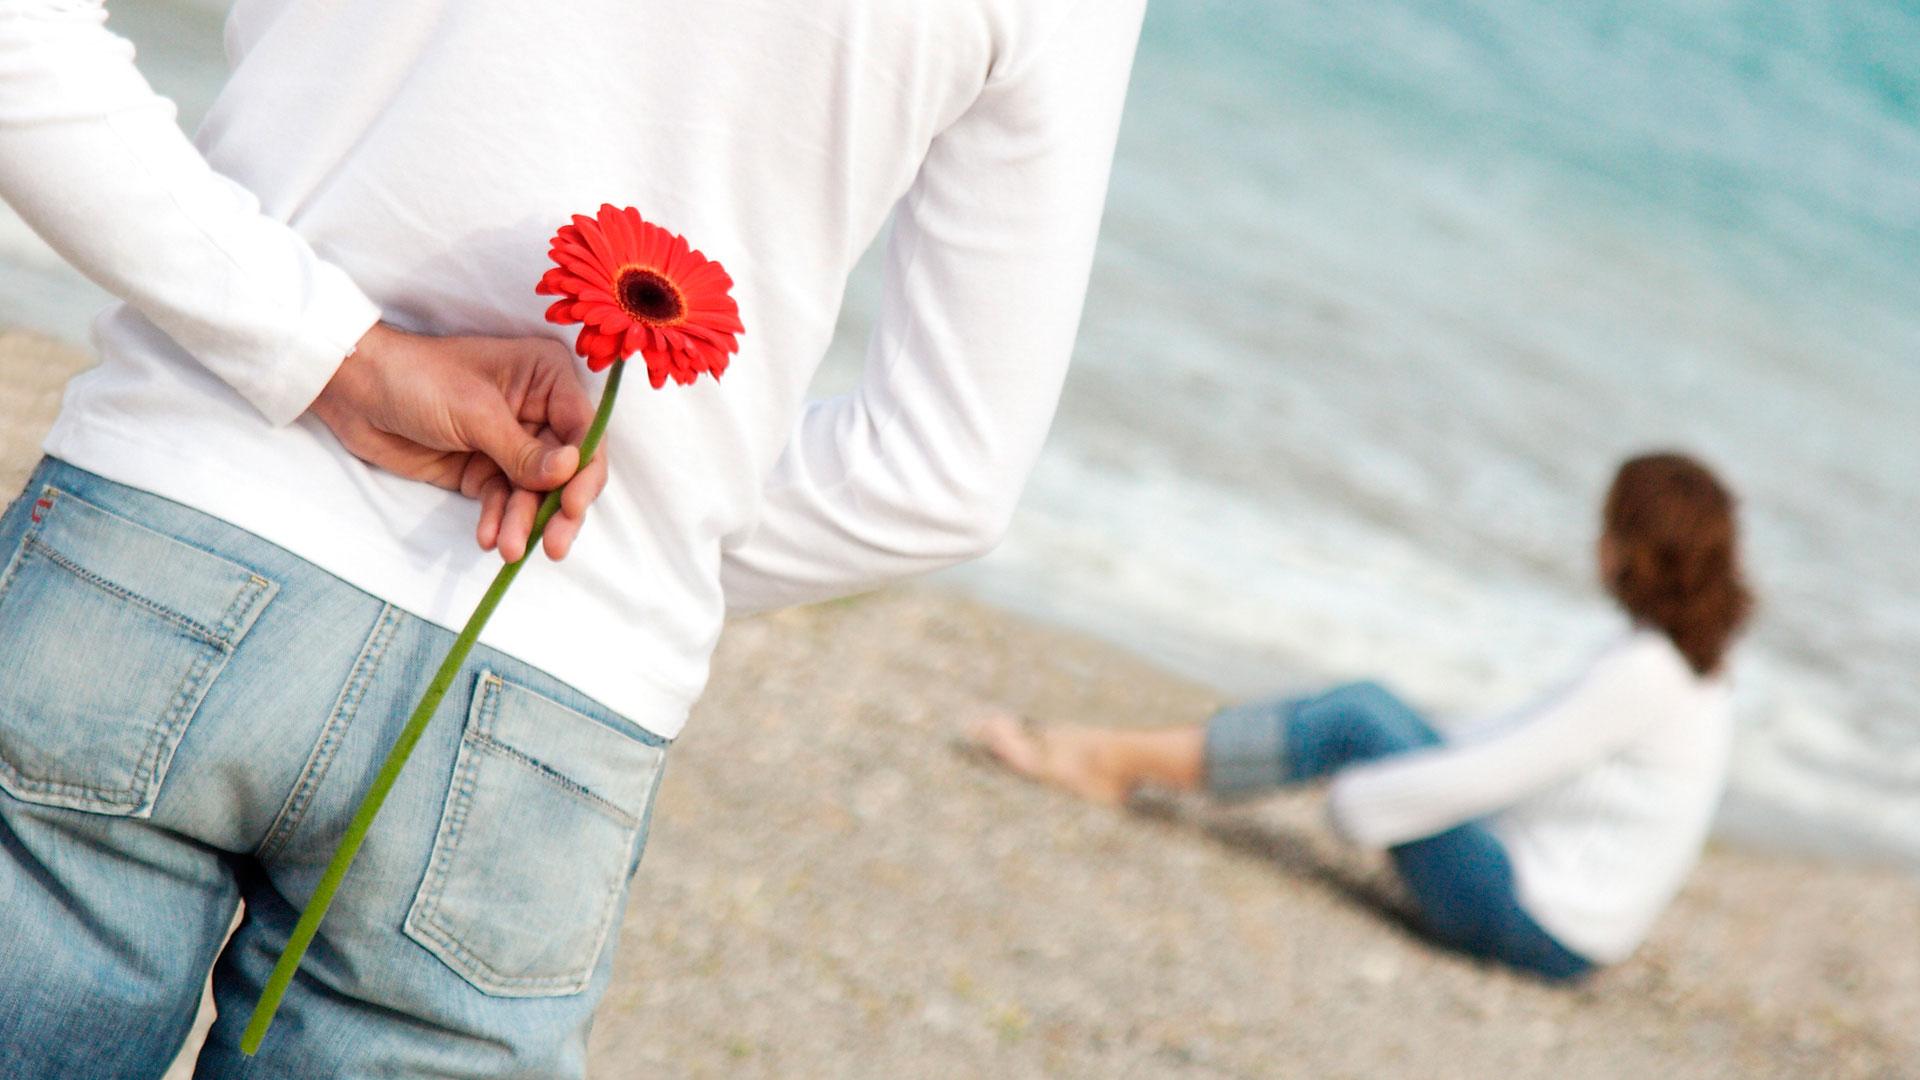 Статус об односторонней любви